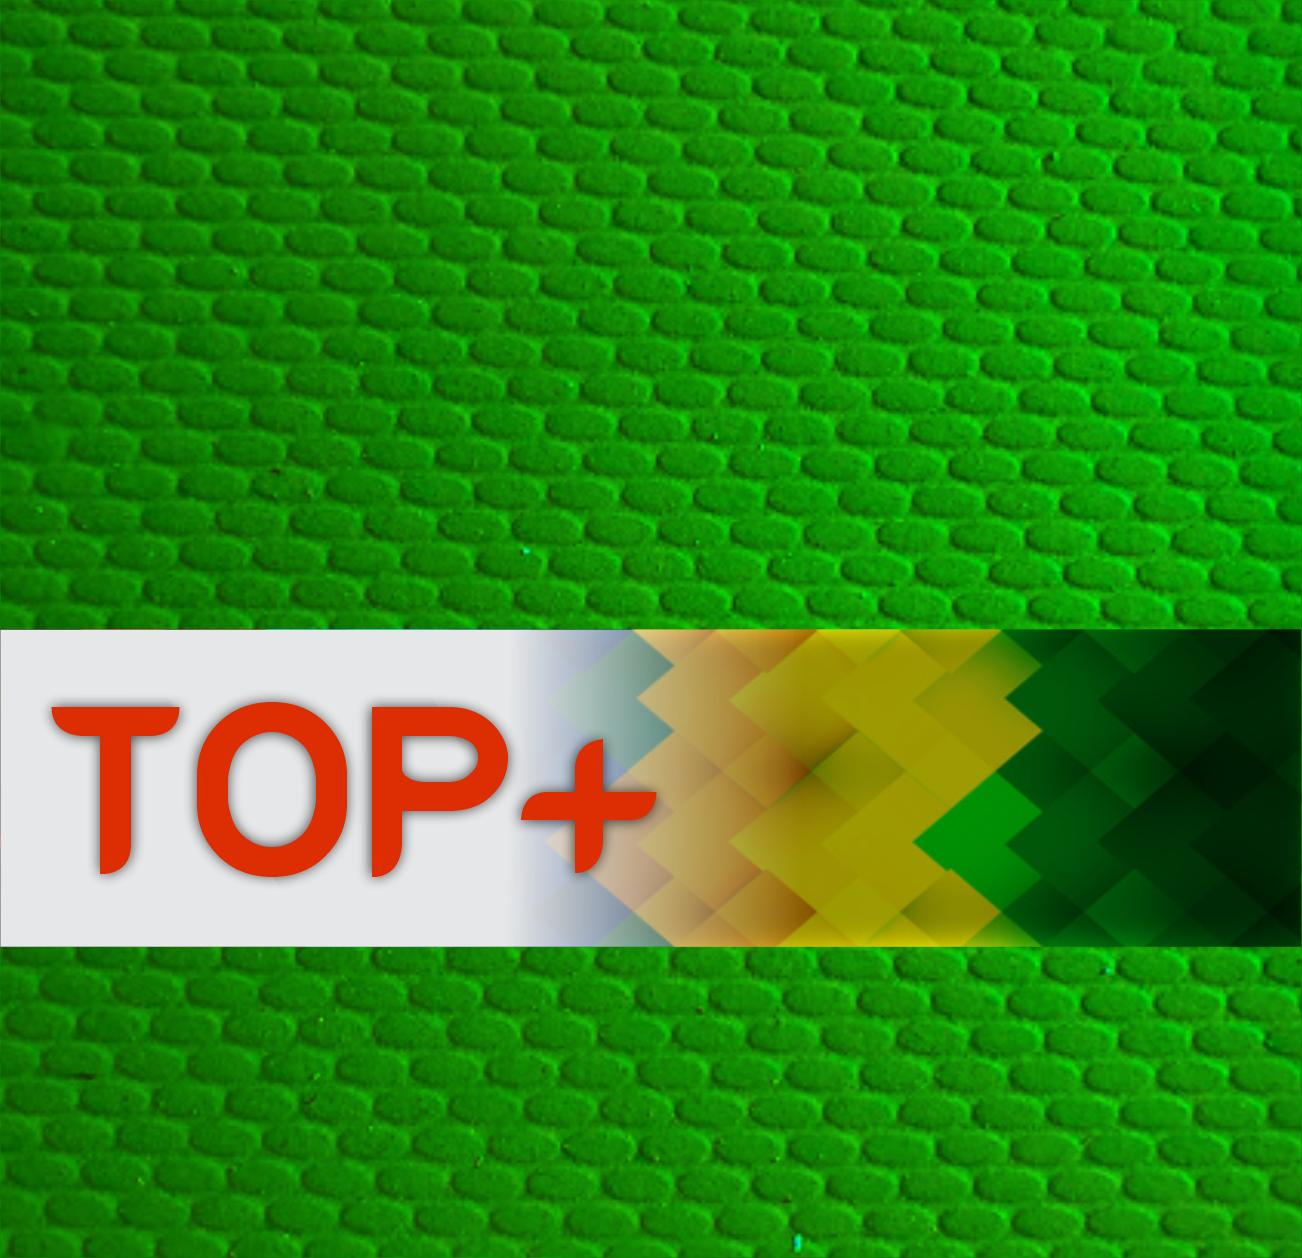 Placa de Borracha Microporosa TOP+ - 1,60 x 1,05 - 65% BORRACHA